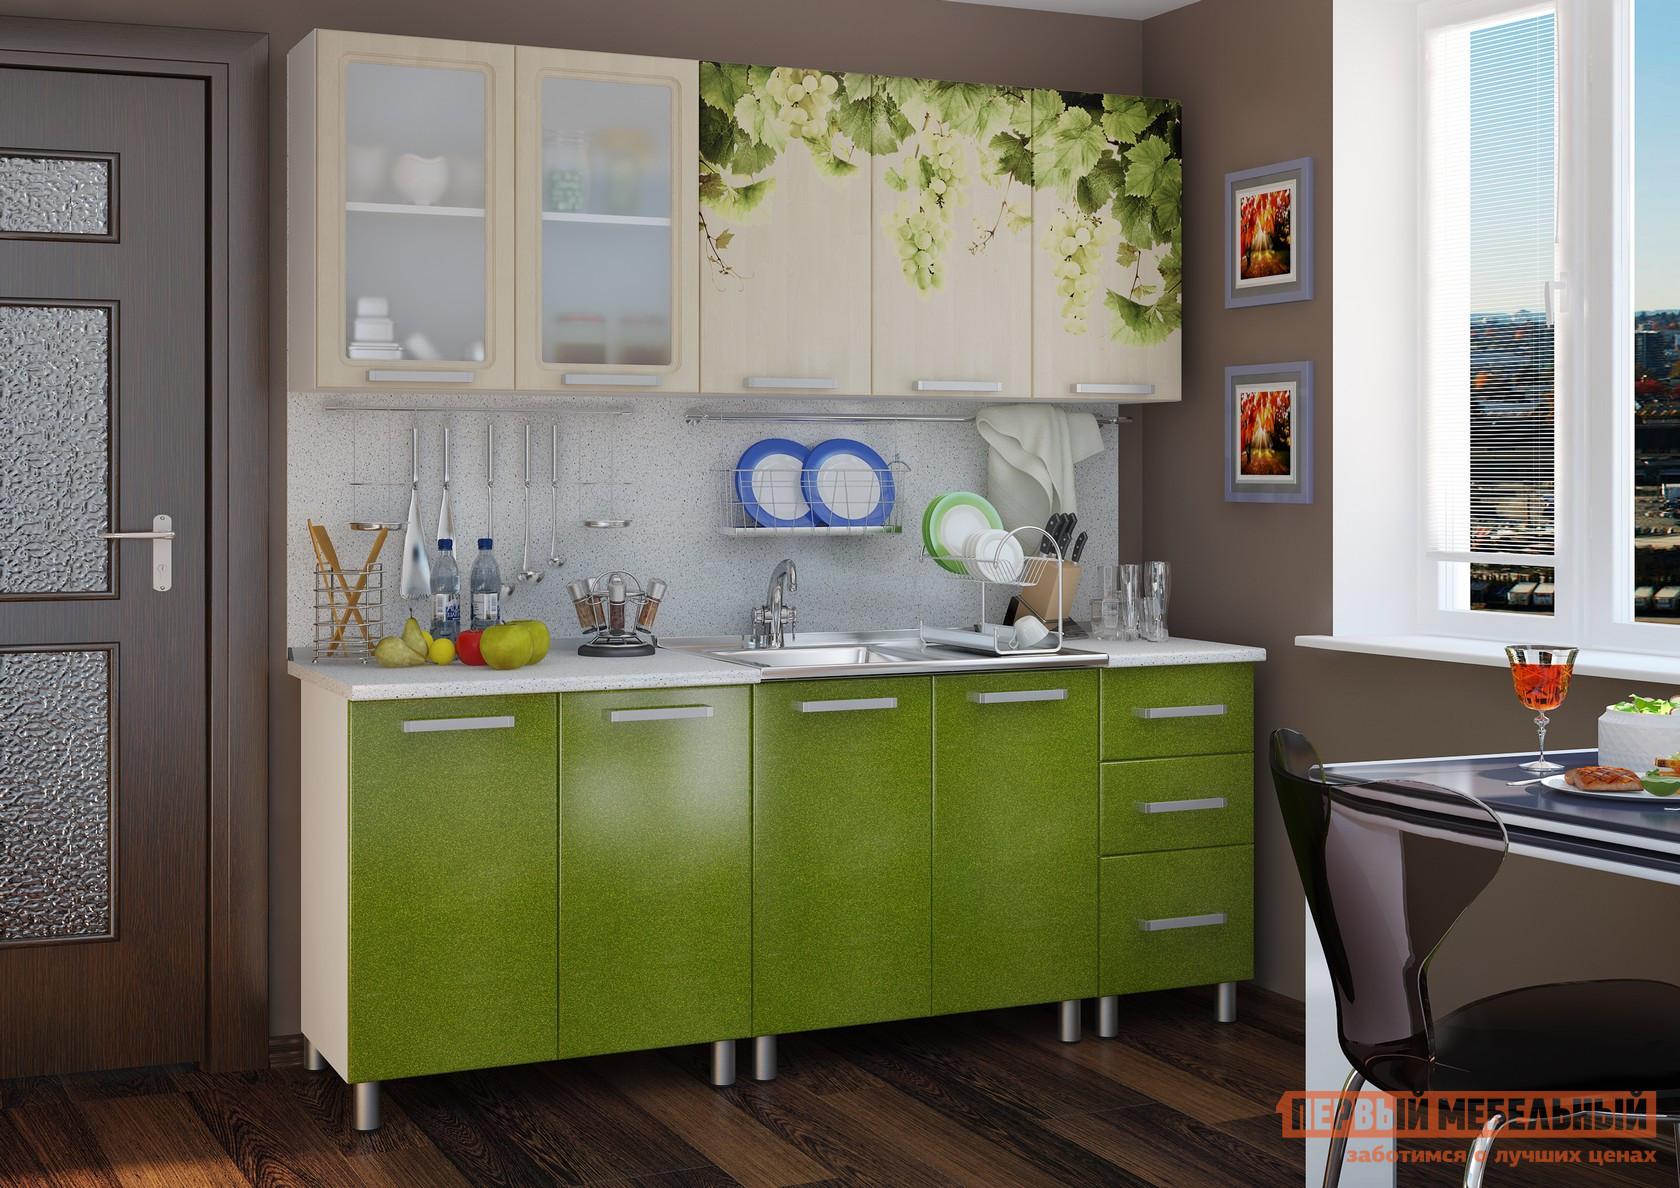 Кухонный гарнитур Первый Мебельный Лоза Люкс 200 см кухонный гарнитур трия оливия 180 см